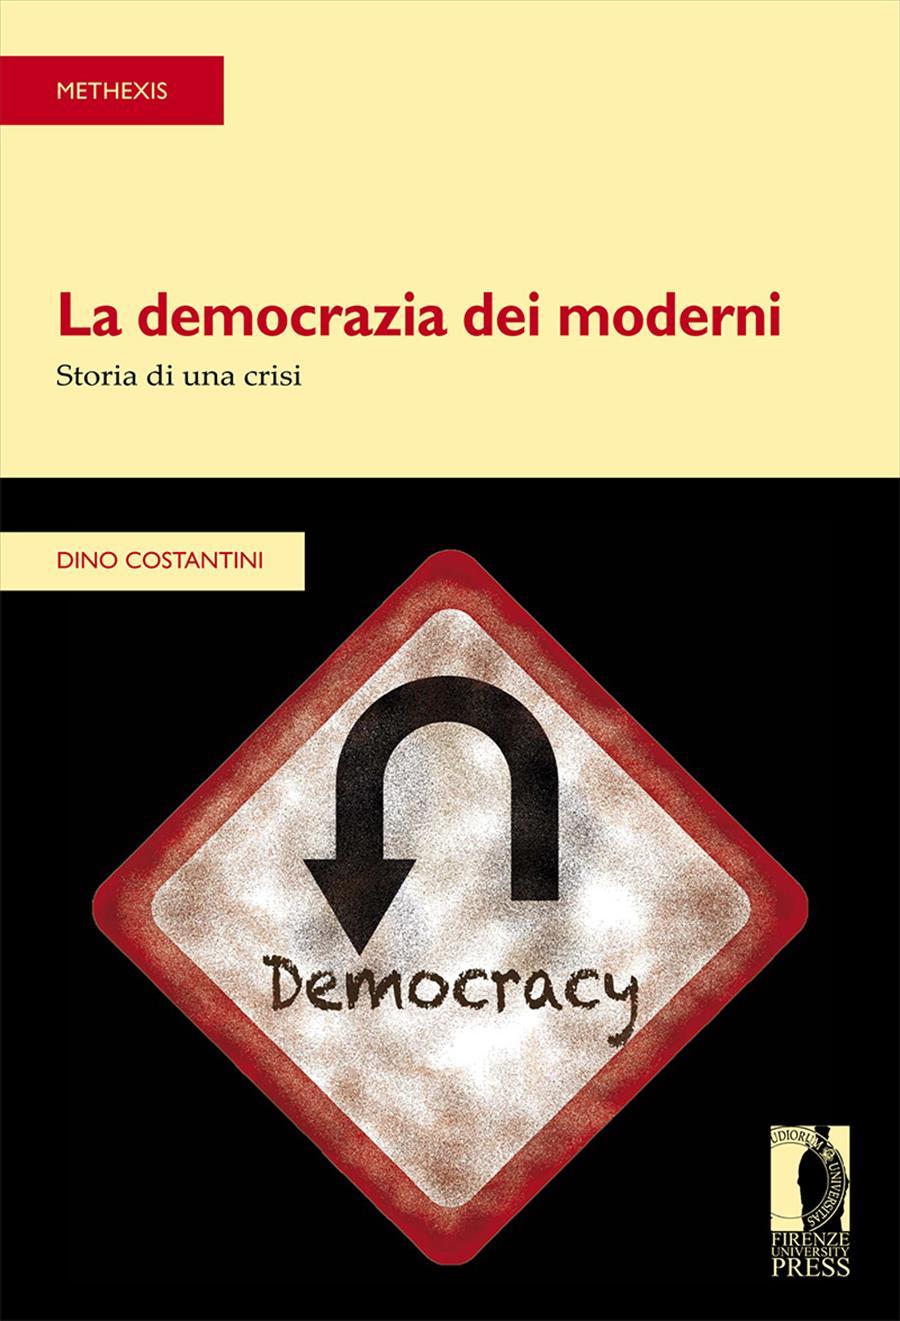 La democrazia dei moderni